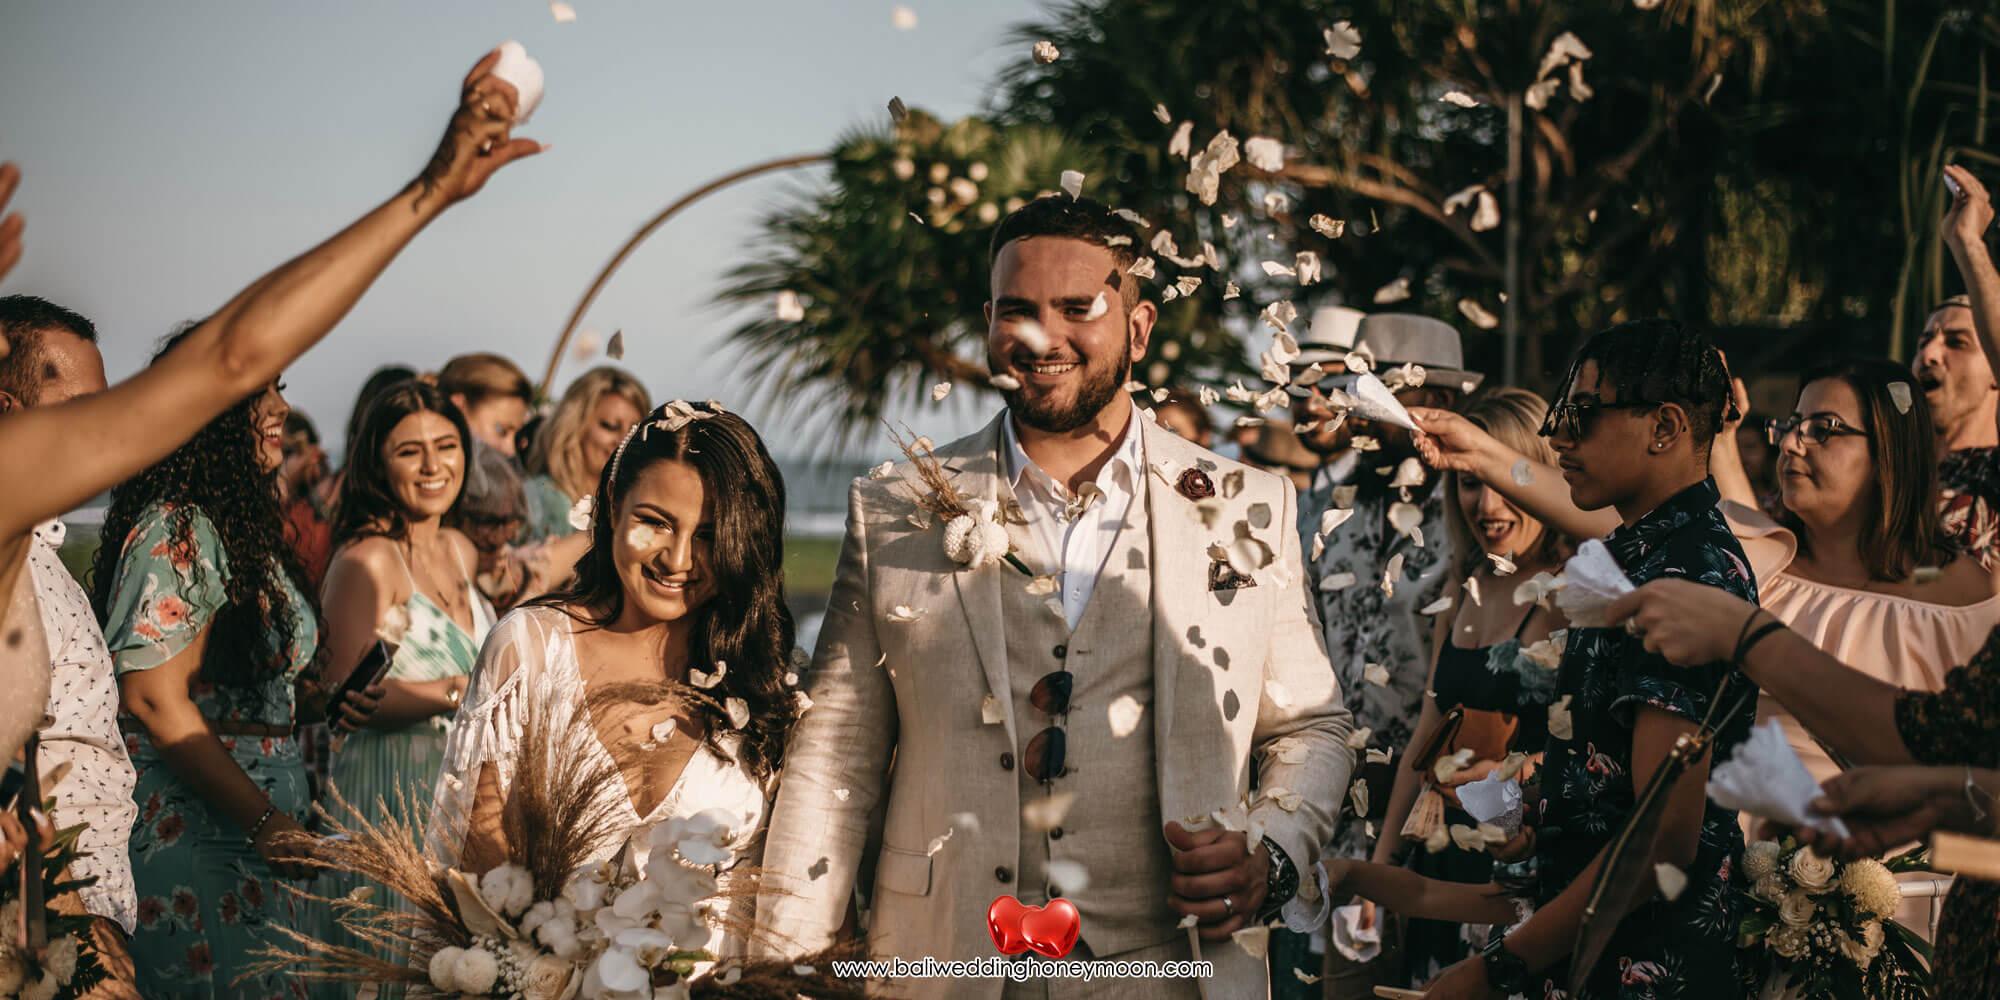 weddingvenuebali-villawedding-baliweddinghoneymoon-baliweddingorganizer-baliweddingplanner-baliweddingpackage-pushpapuri2